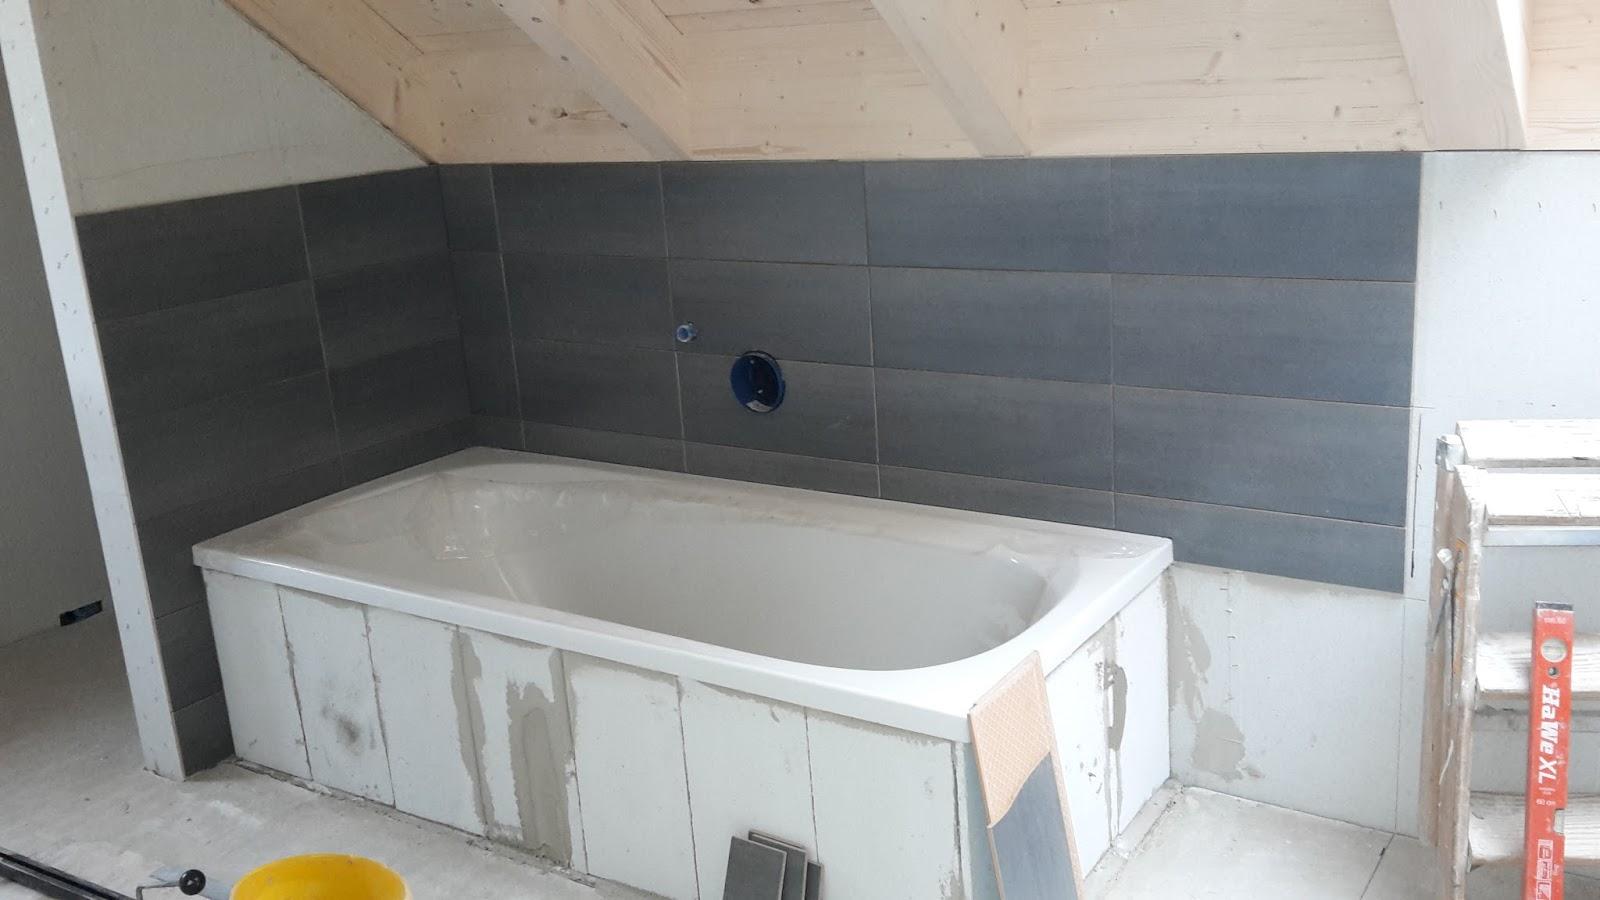 Jenny und lars bauen ein haus juni 2016 - Dichtanstrich badezimmer ...